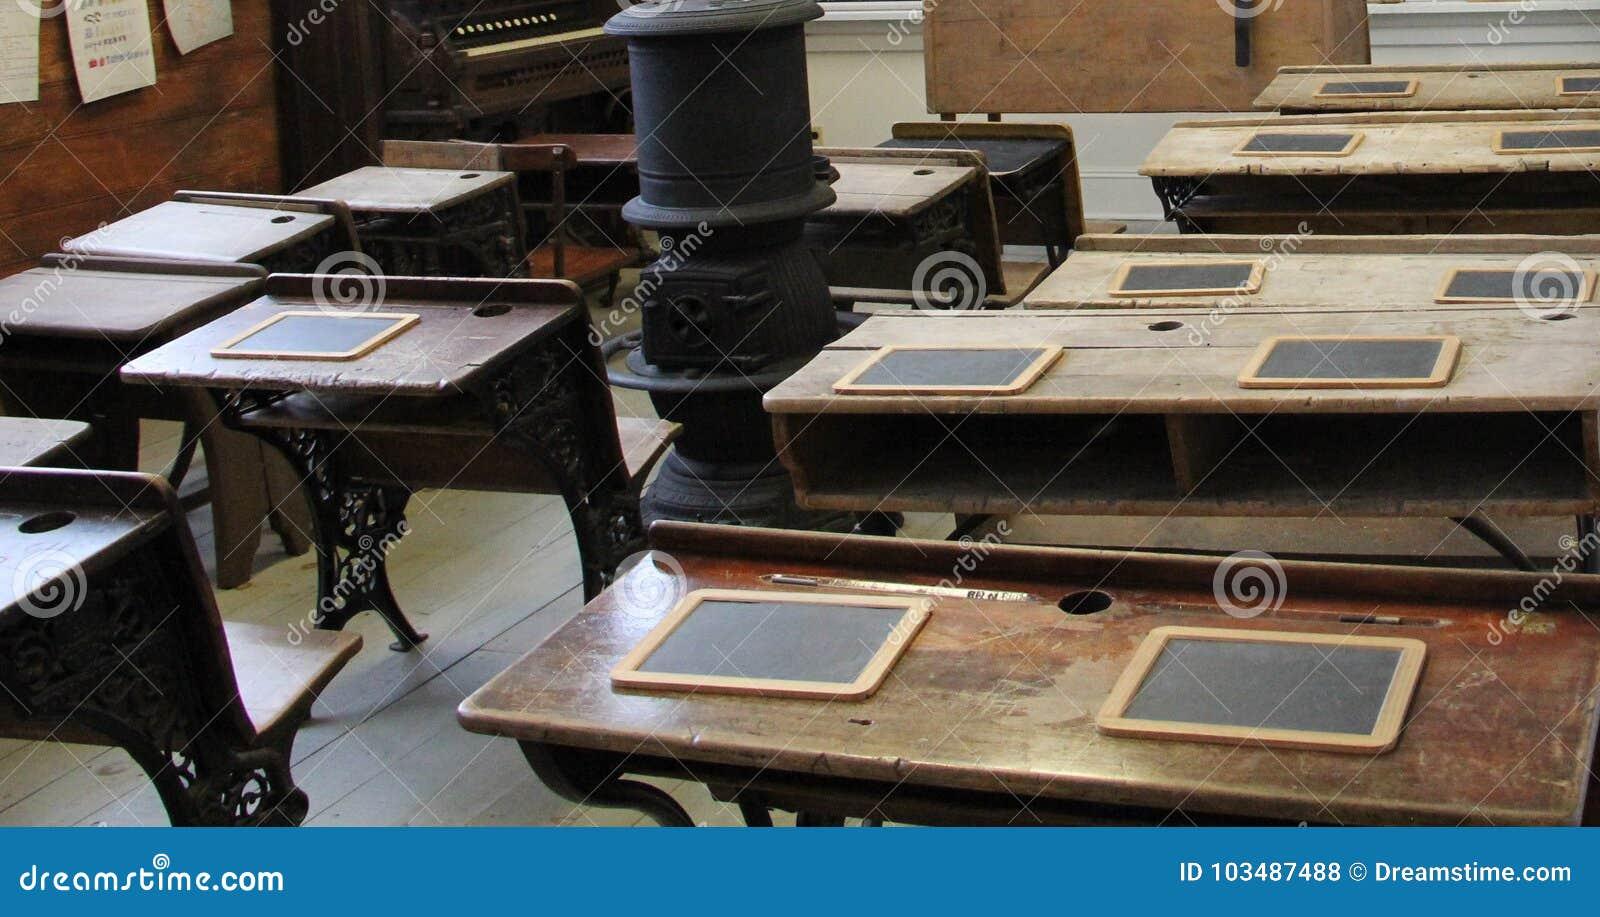 Binnen het oude uitstekende houten klaslokaal met brandplaats in het midden